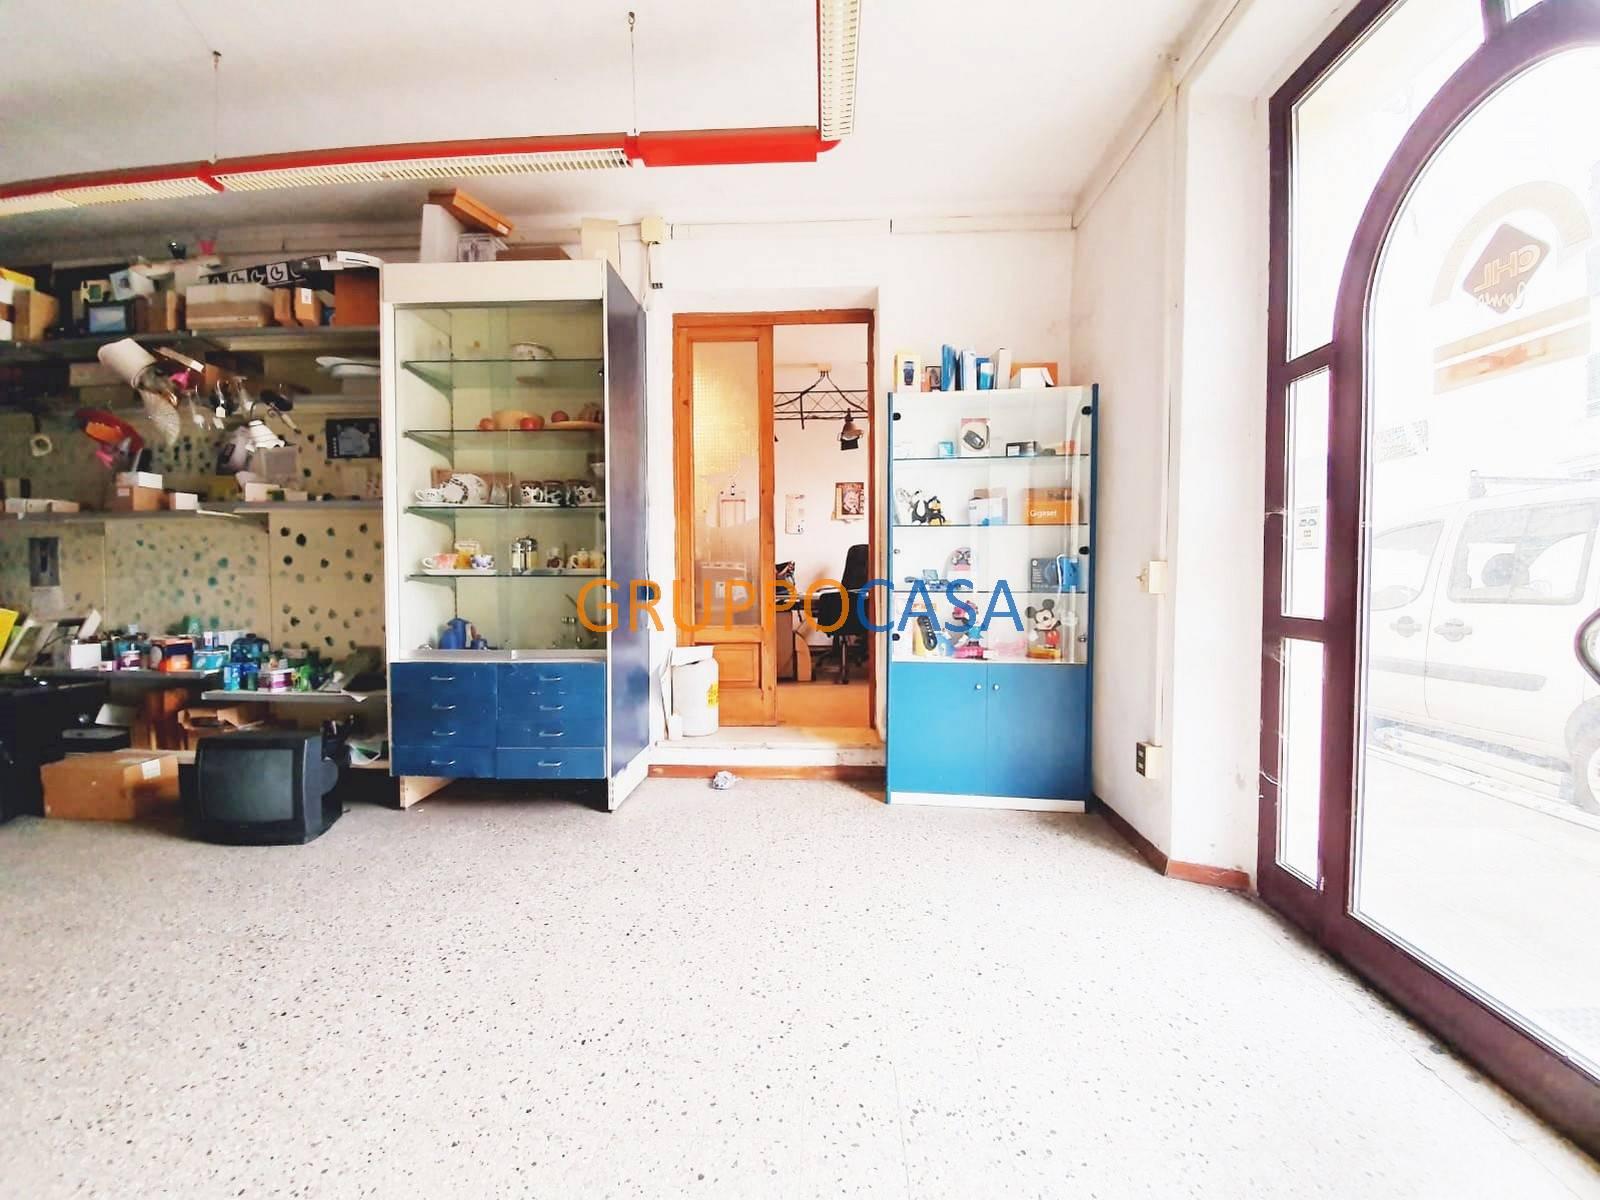 Negozio / Locale in vendita a Pescia, 9999 locali, zona Zona: Collodi, prezzo € 210.000 | CambioCasa.it